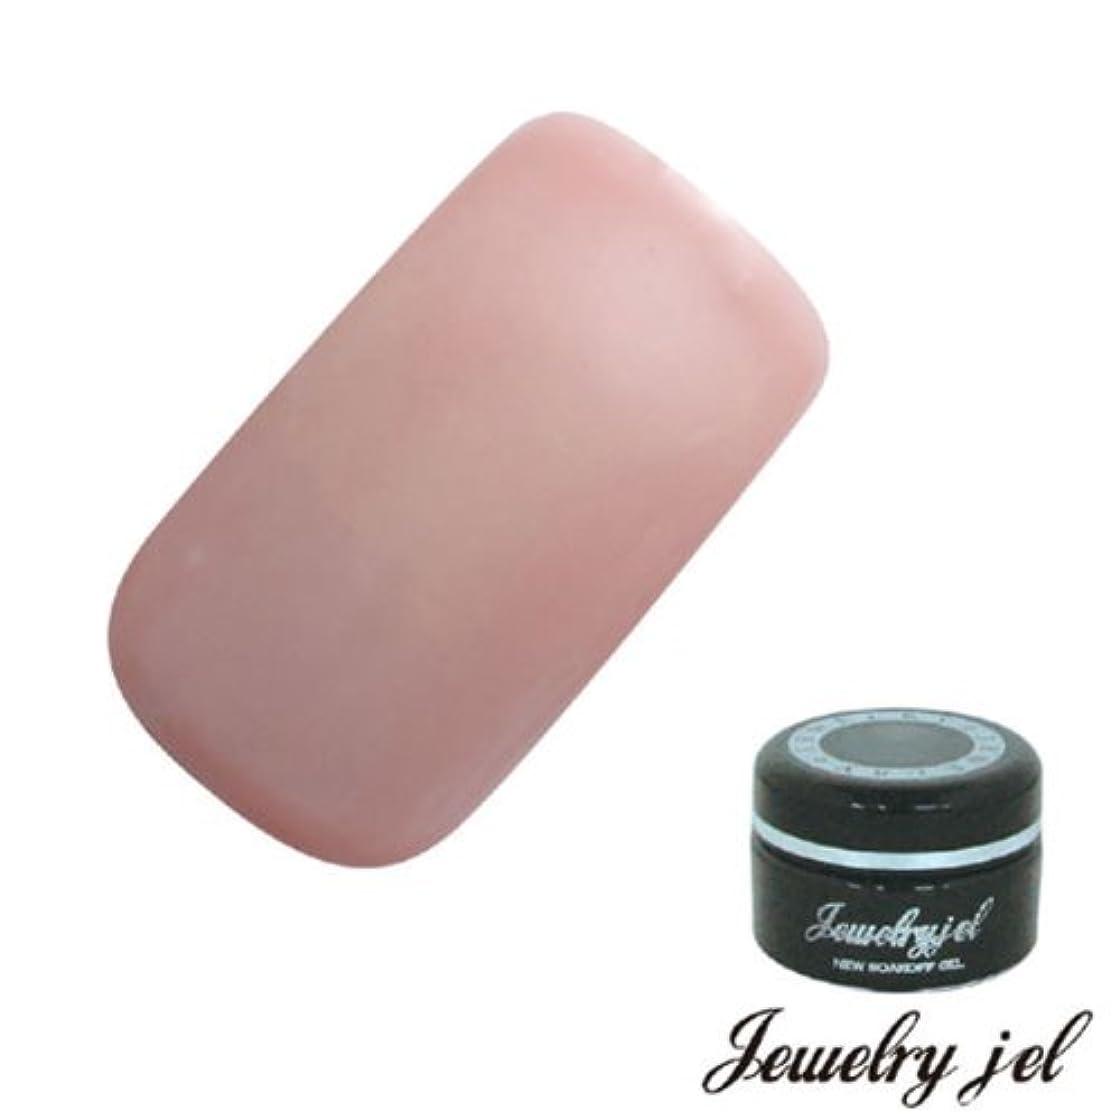 絶縁する急襲丈夫ジュエリージェル ジェルネイル カラージェル OP103 3.5g ピンク シアーマット UV/LED対応  ソークオフジェル ナチュラルピンク